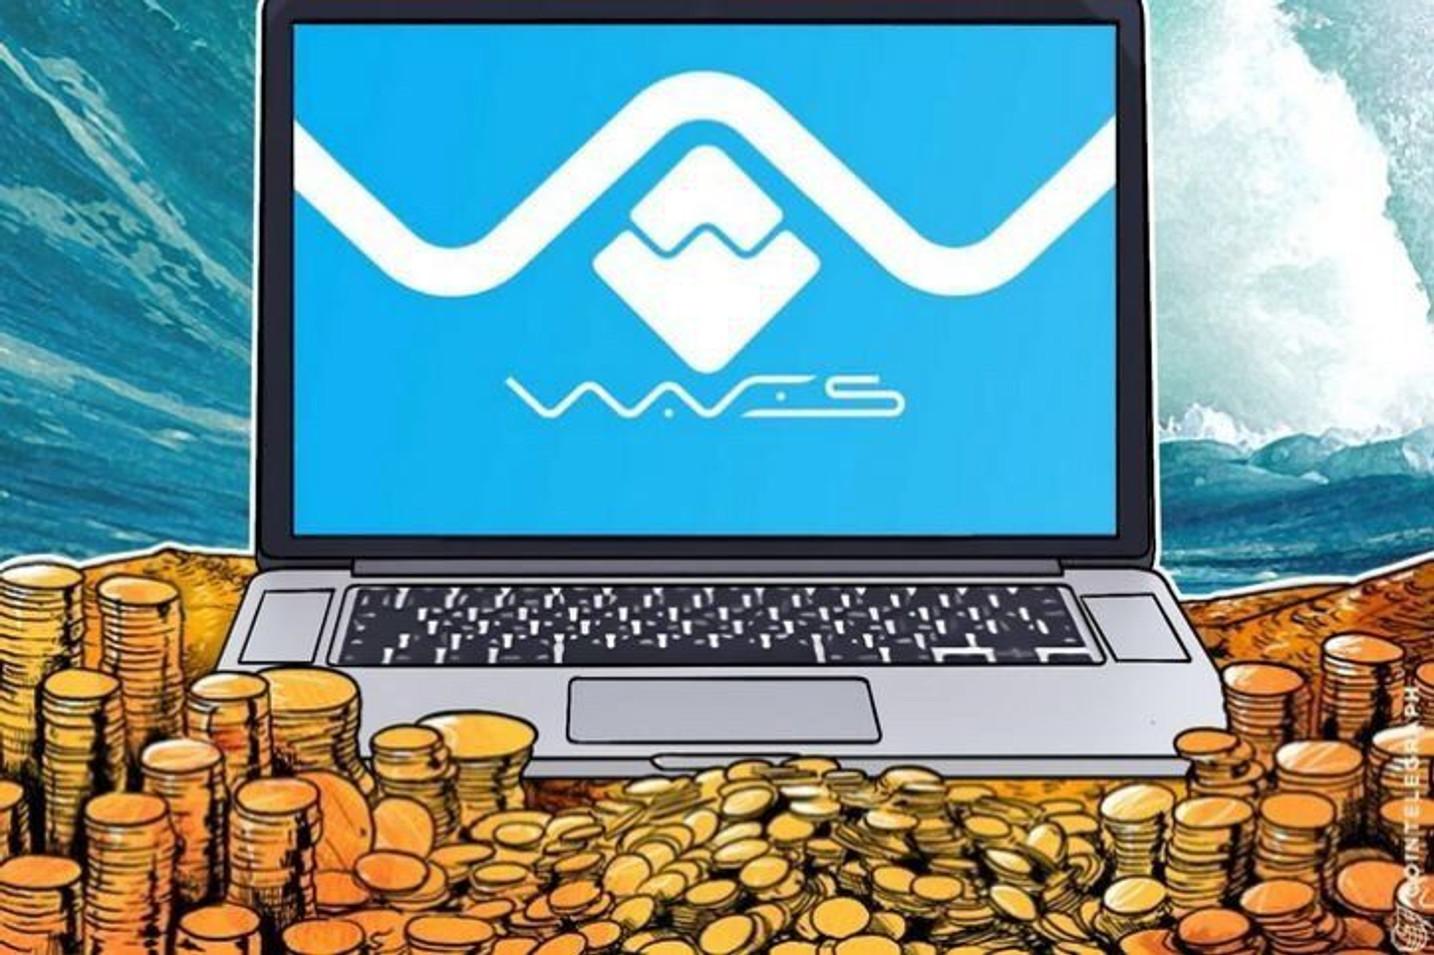 El lanzamiento de Waves 1.0 ve la culminación del desarrollo de 18 meses